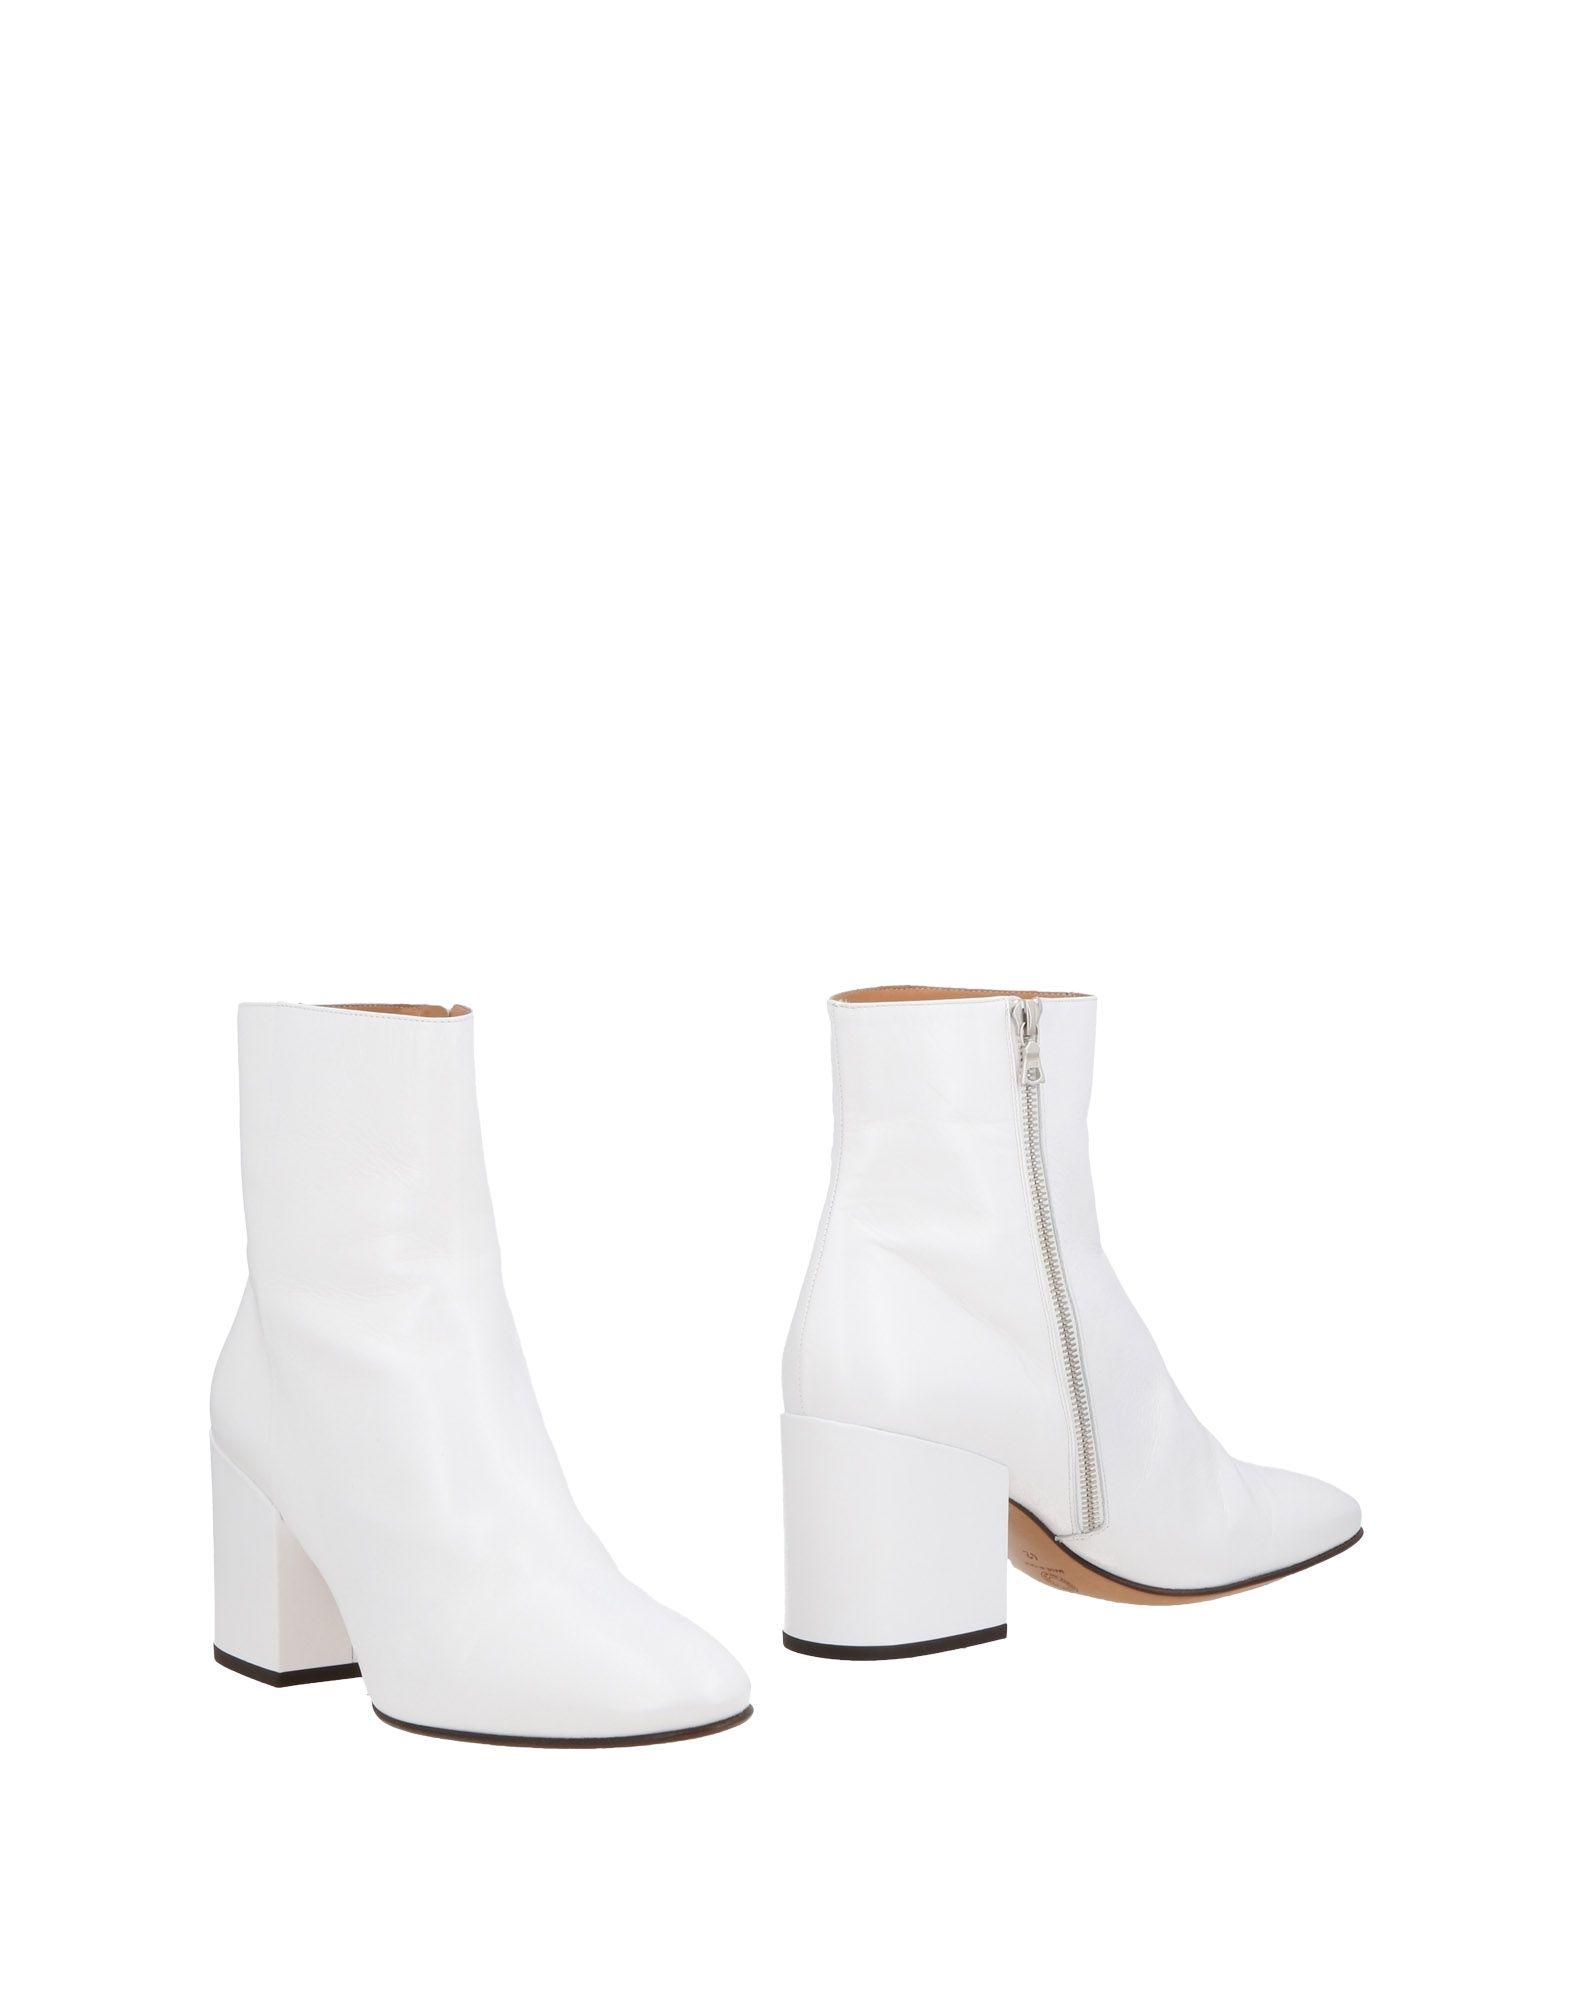 Dries Van Noten Stiefelette Damen Schuhe  11480422KLGünstige gut aussehende Schuhe Damen 76cc16